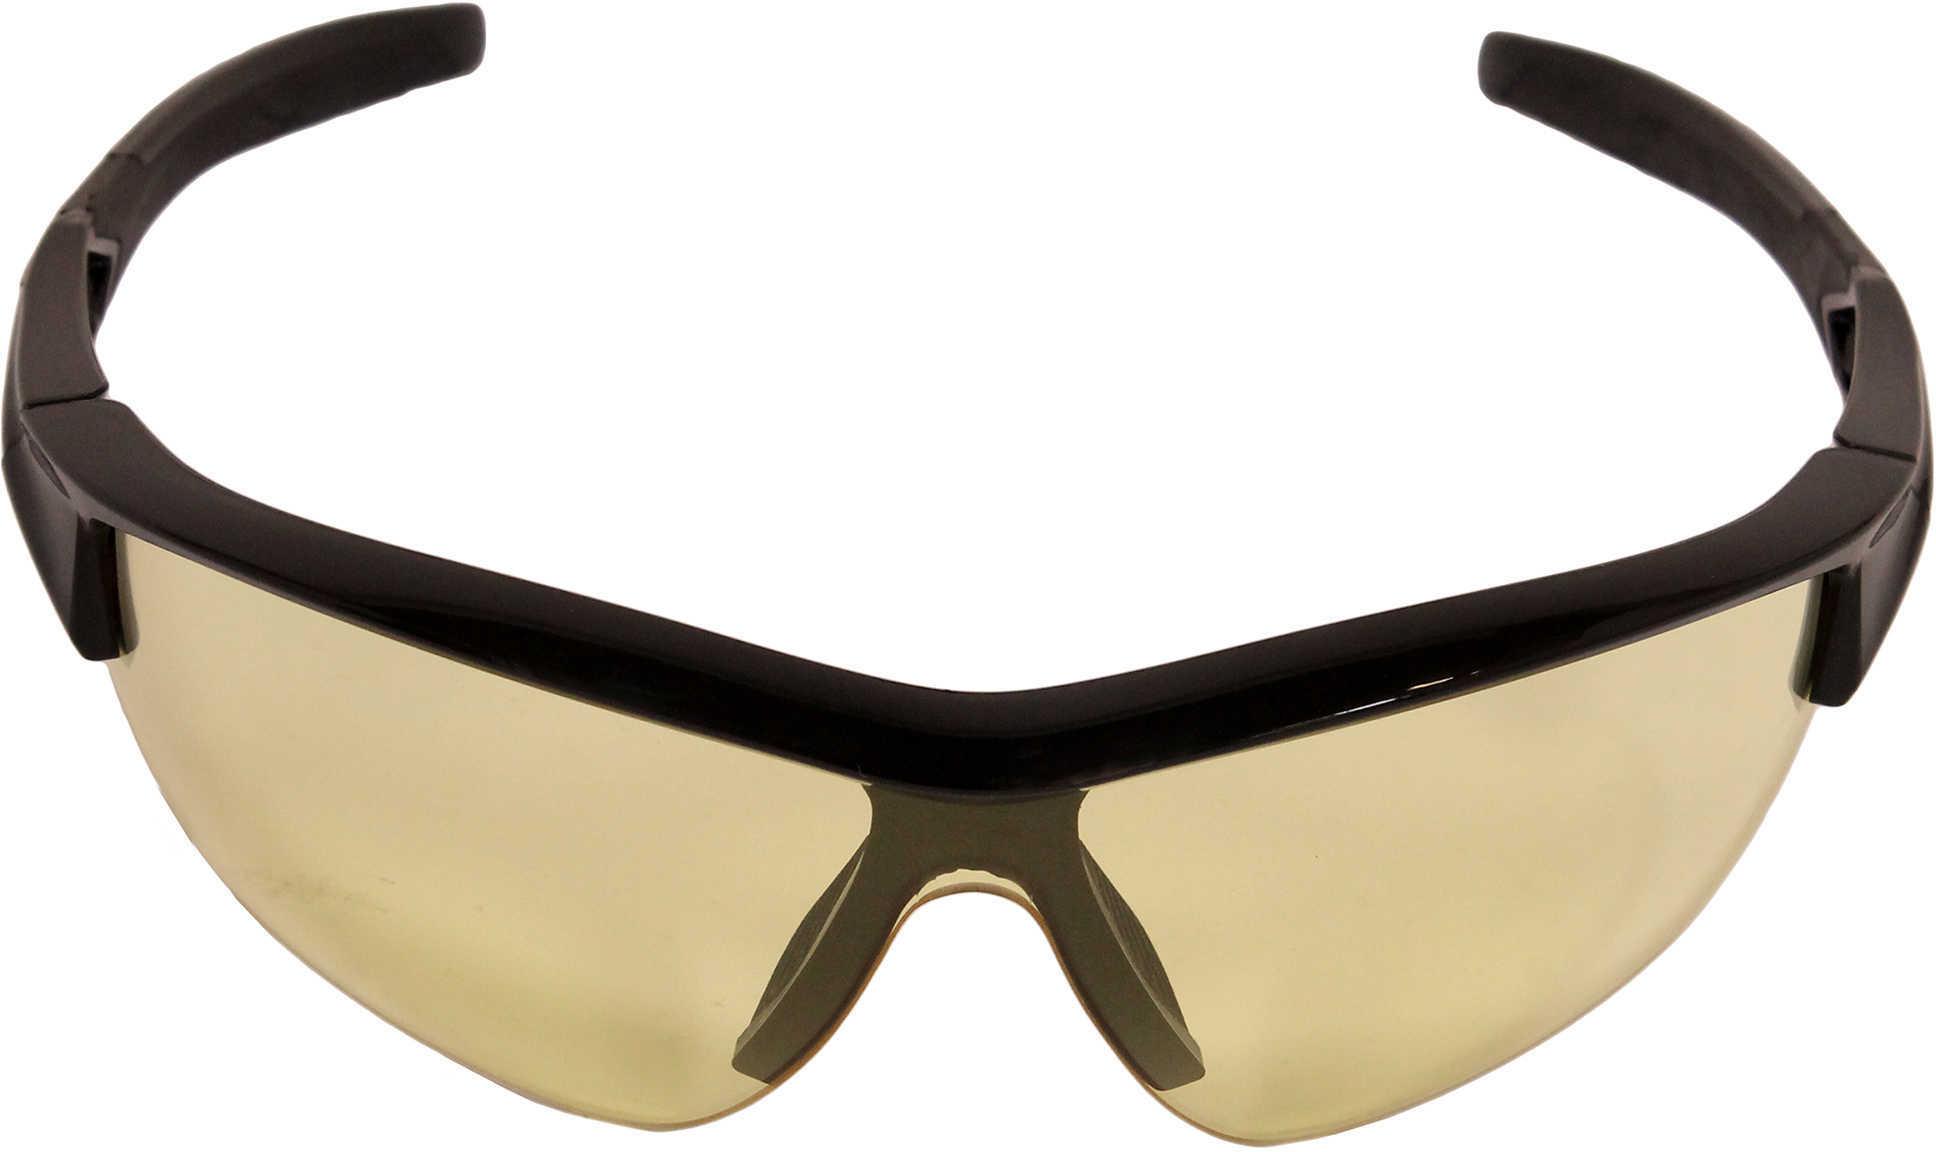 Howard LEIGHT Acadia Glasses Black Frame/Amber Lens